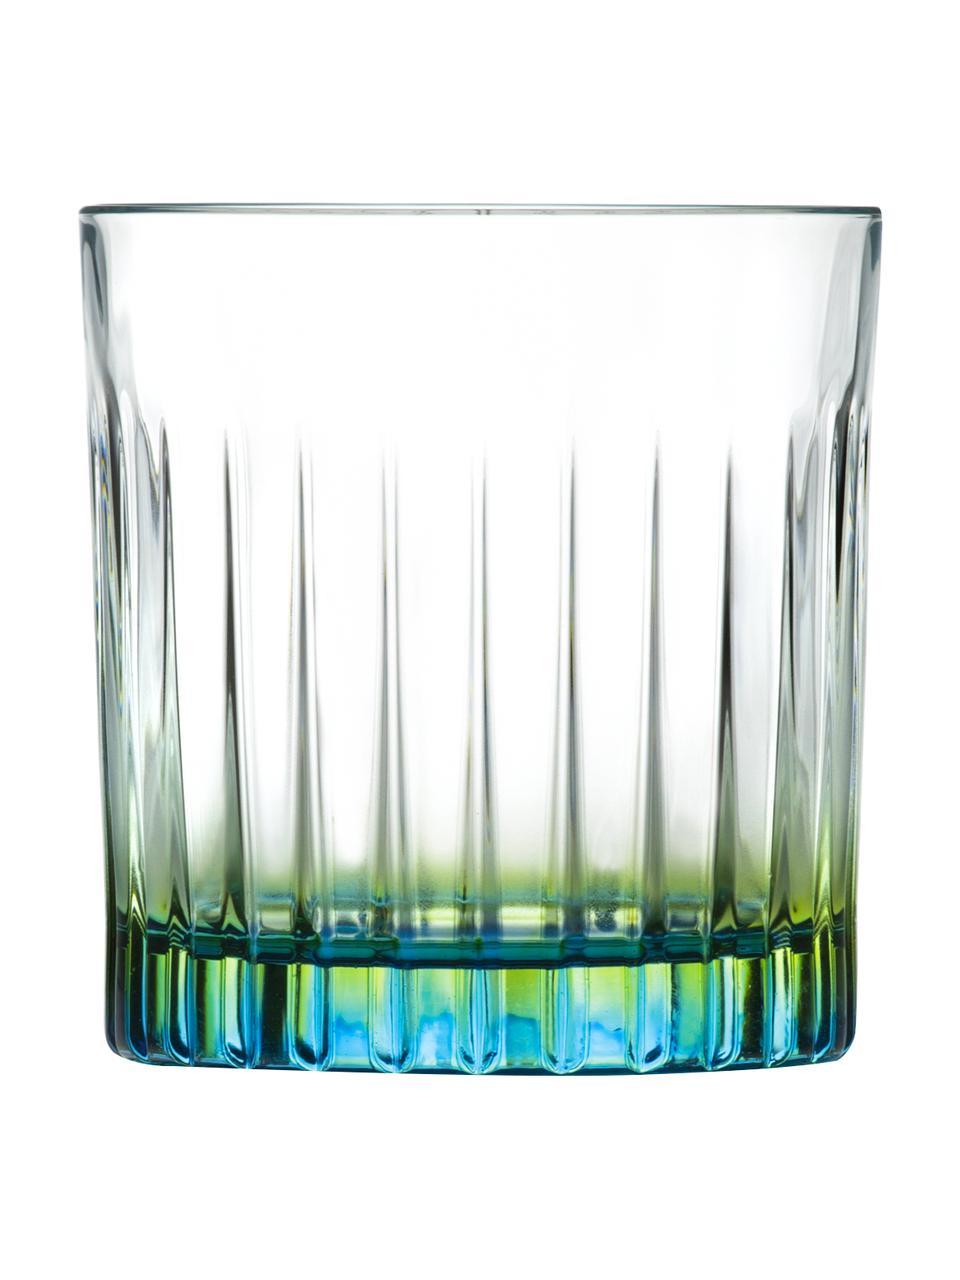 Bicchieri in cristallo Luxion Gipsy 6 pz, Cristallo Luxion, Trasparente, verde giallo, turchese, Ø 8 x Alt. 9 cm